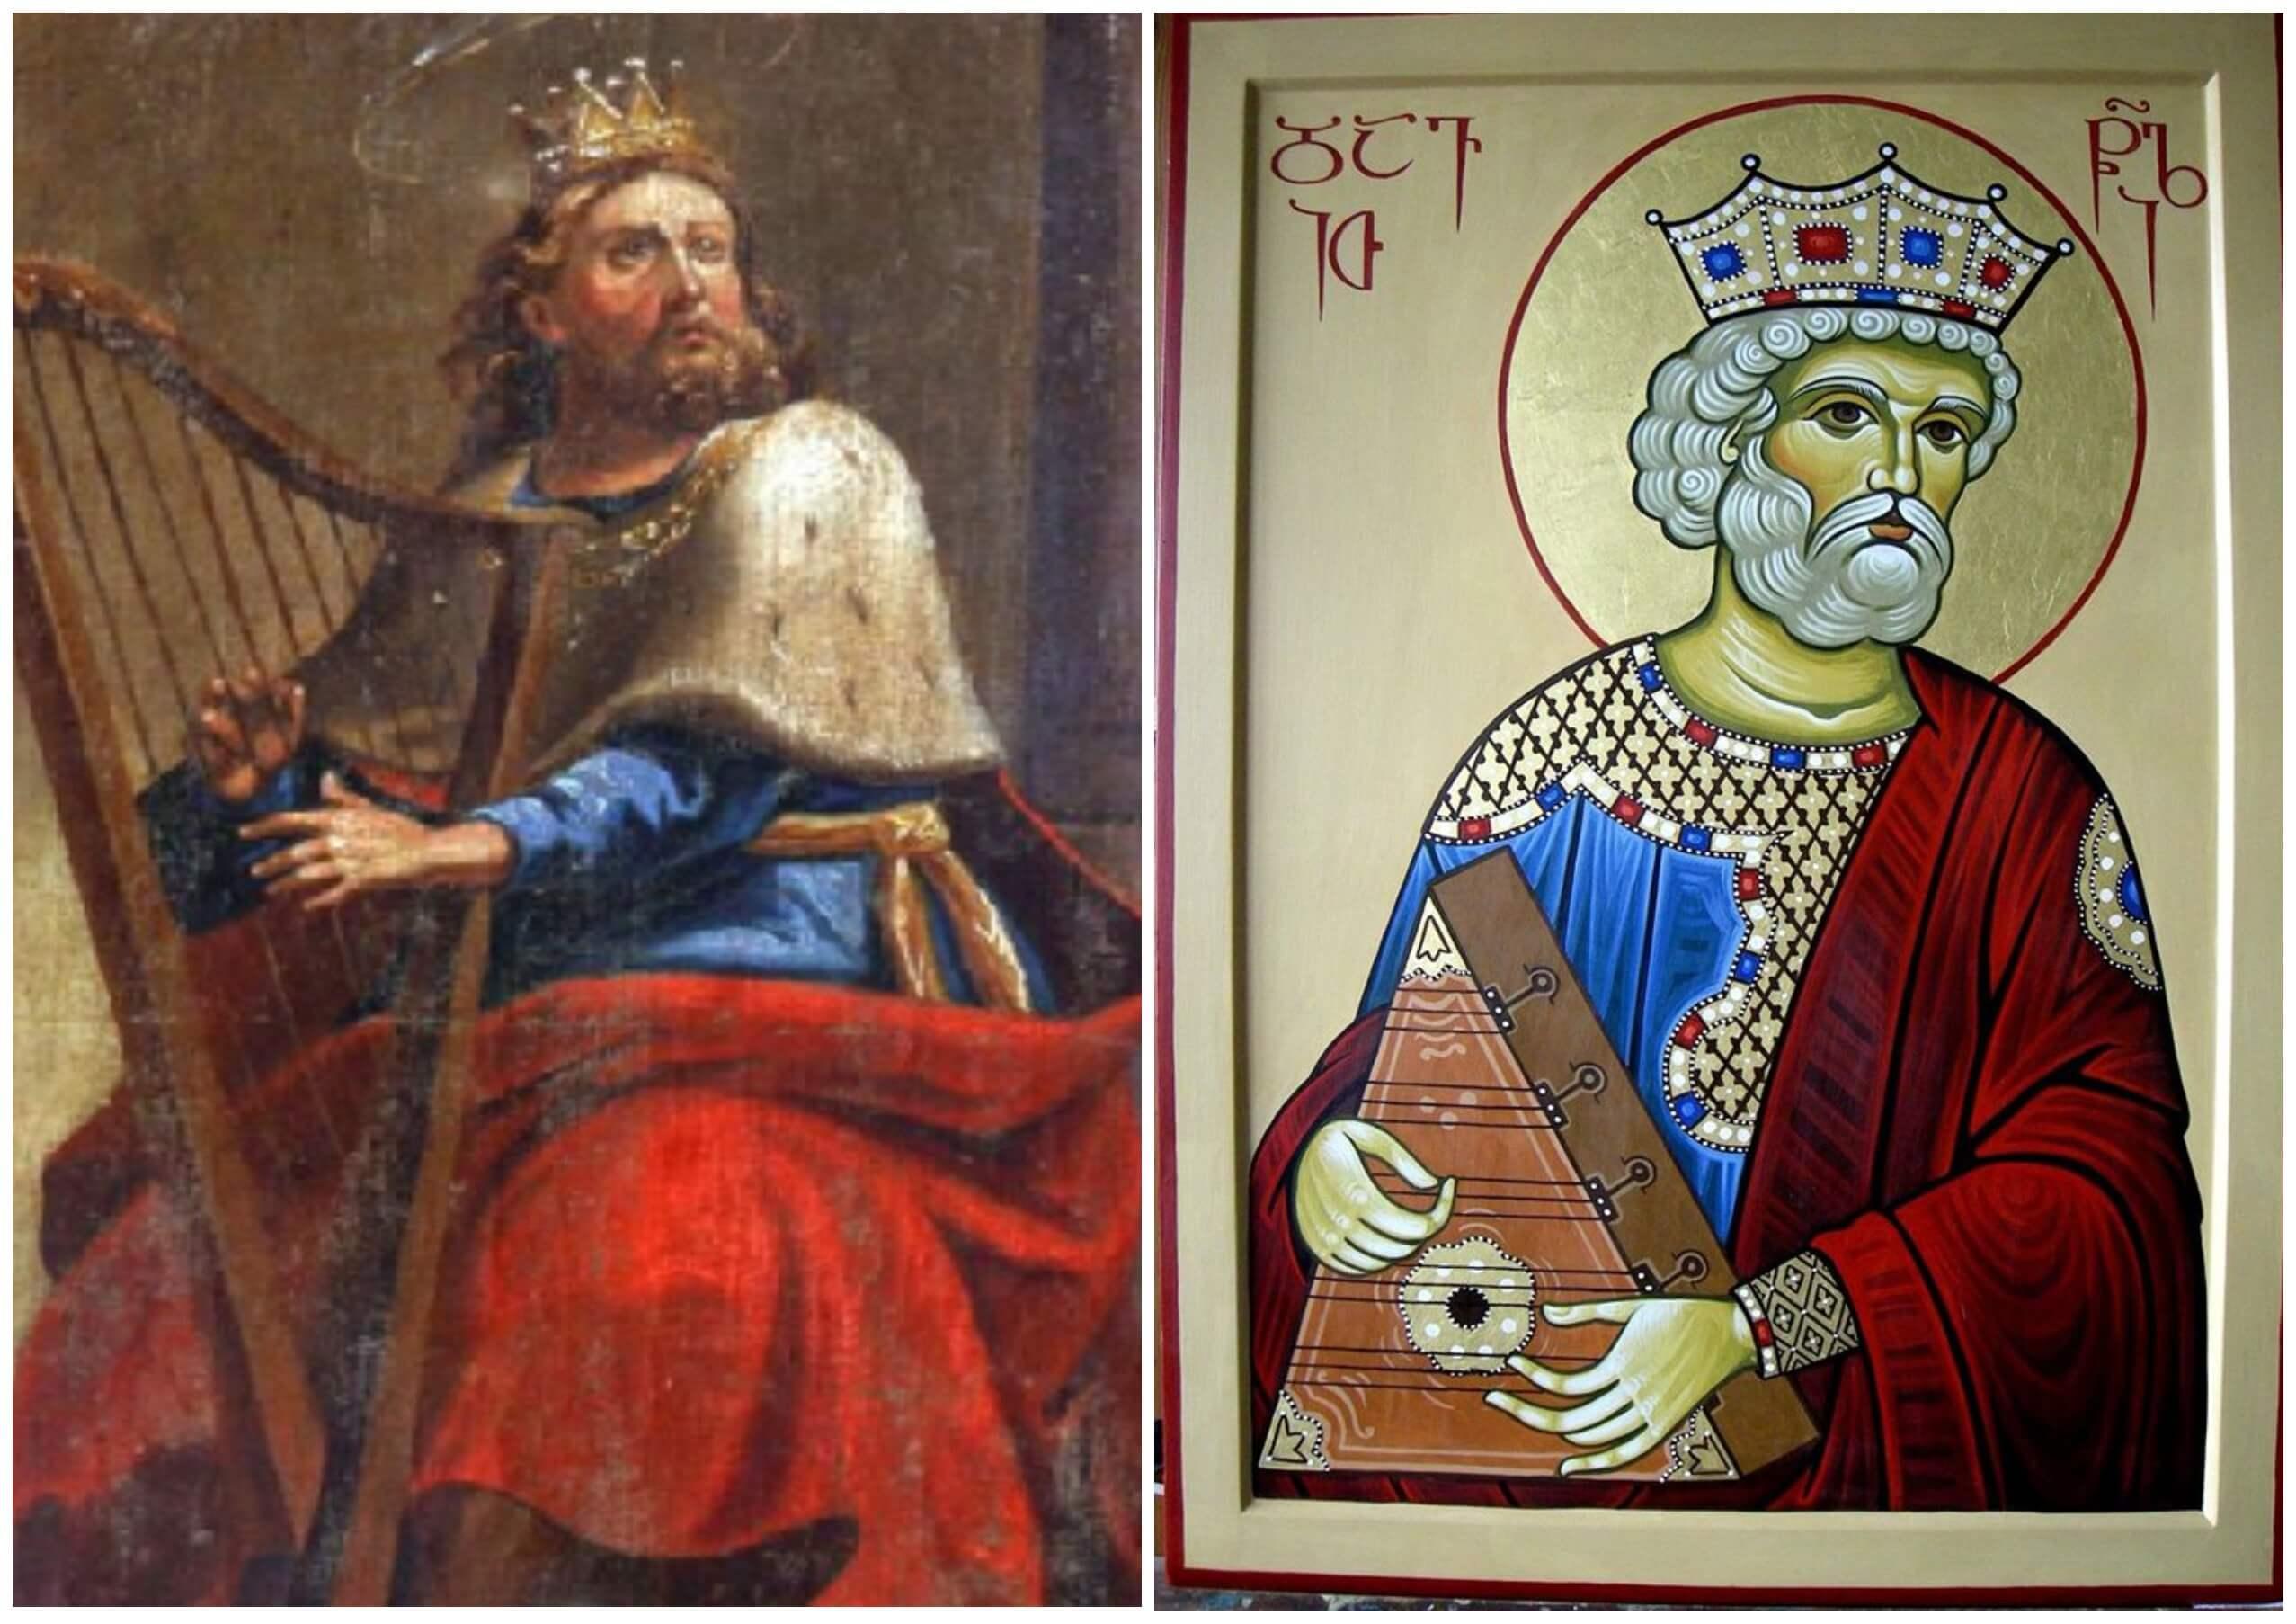 На фото изображен царь Давид пророк.